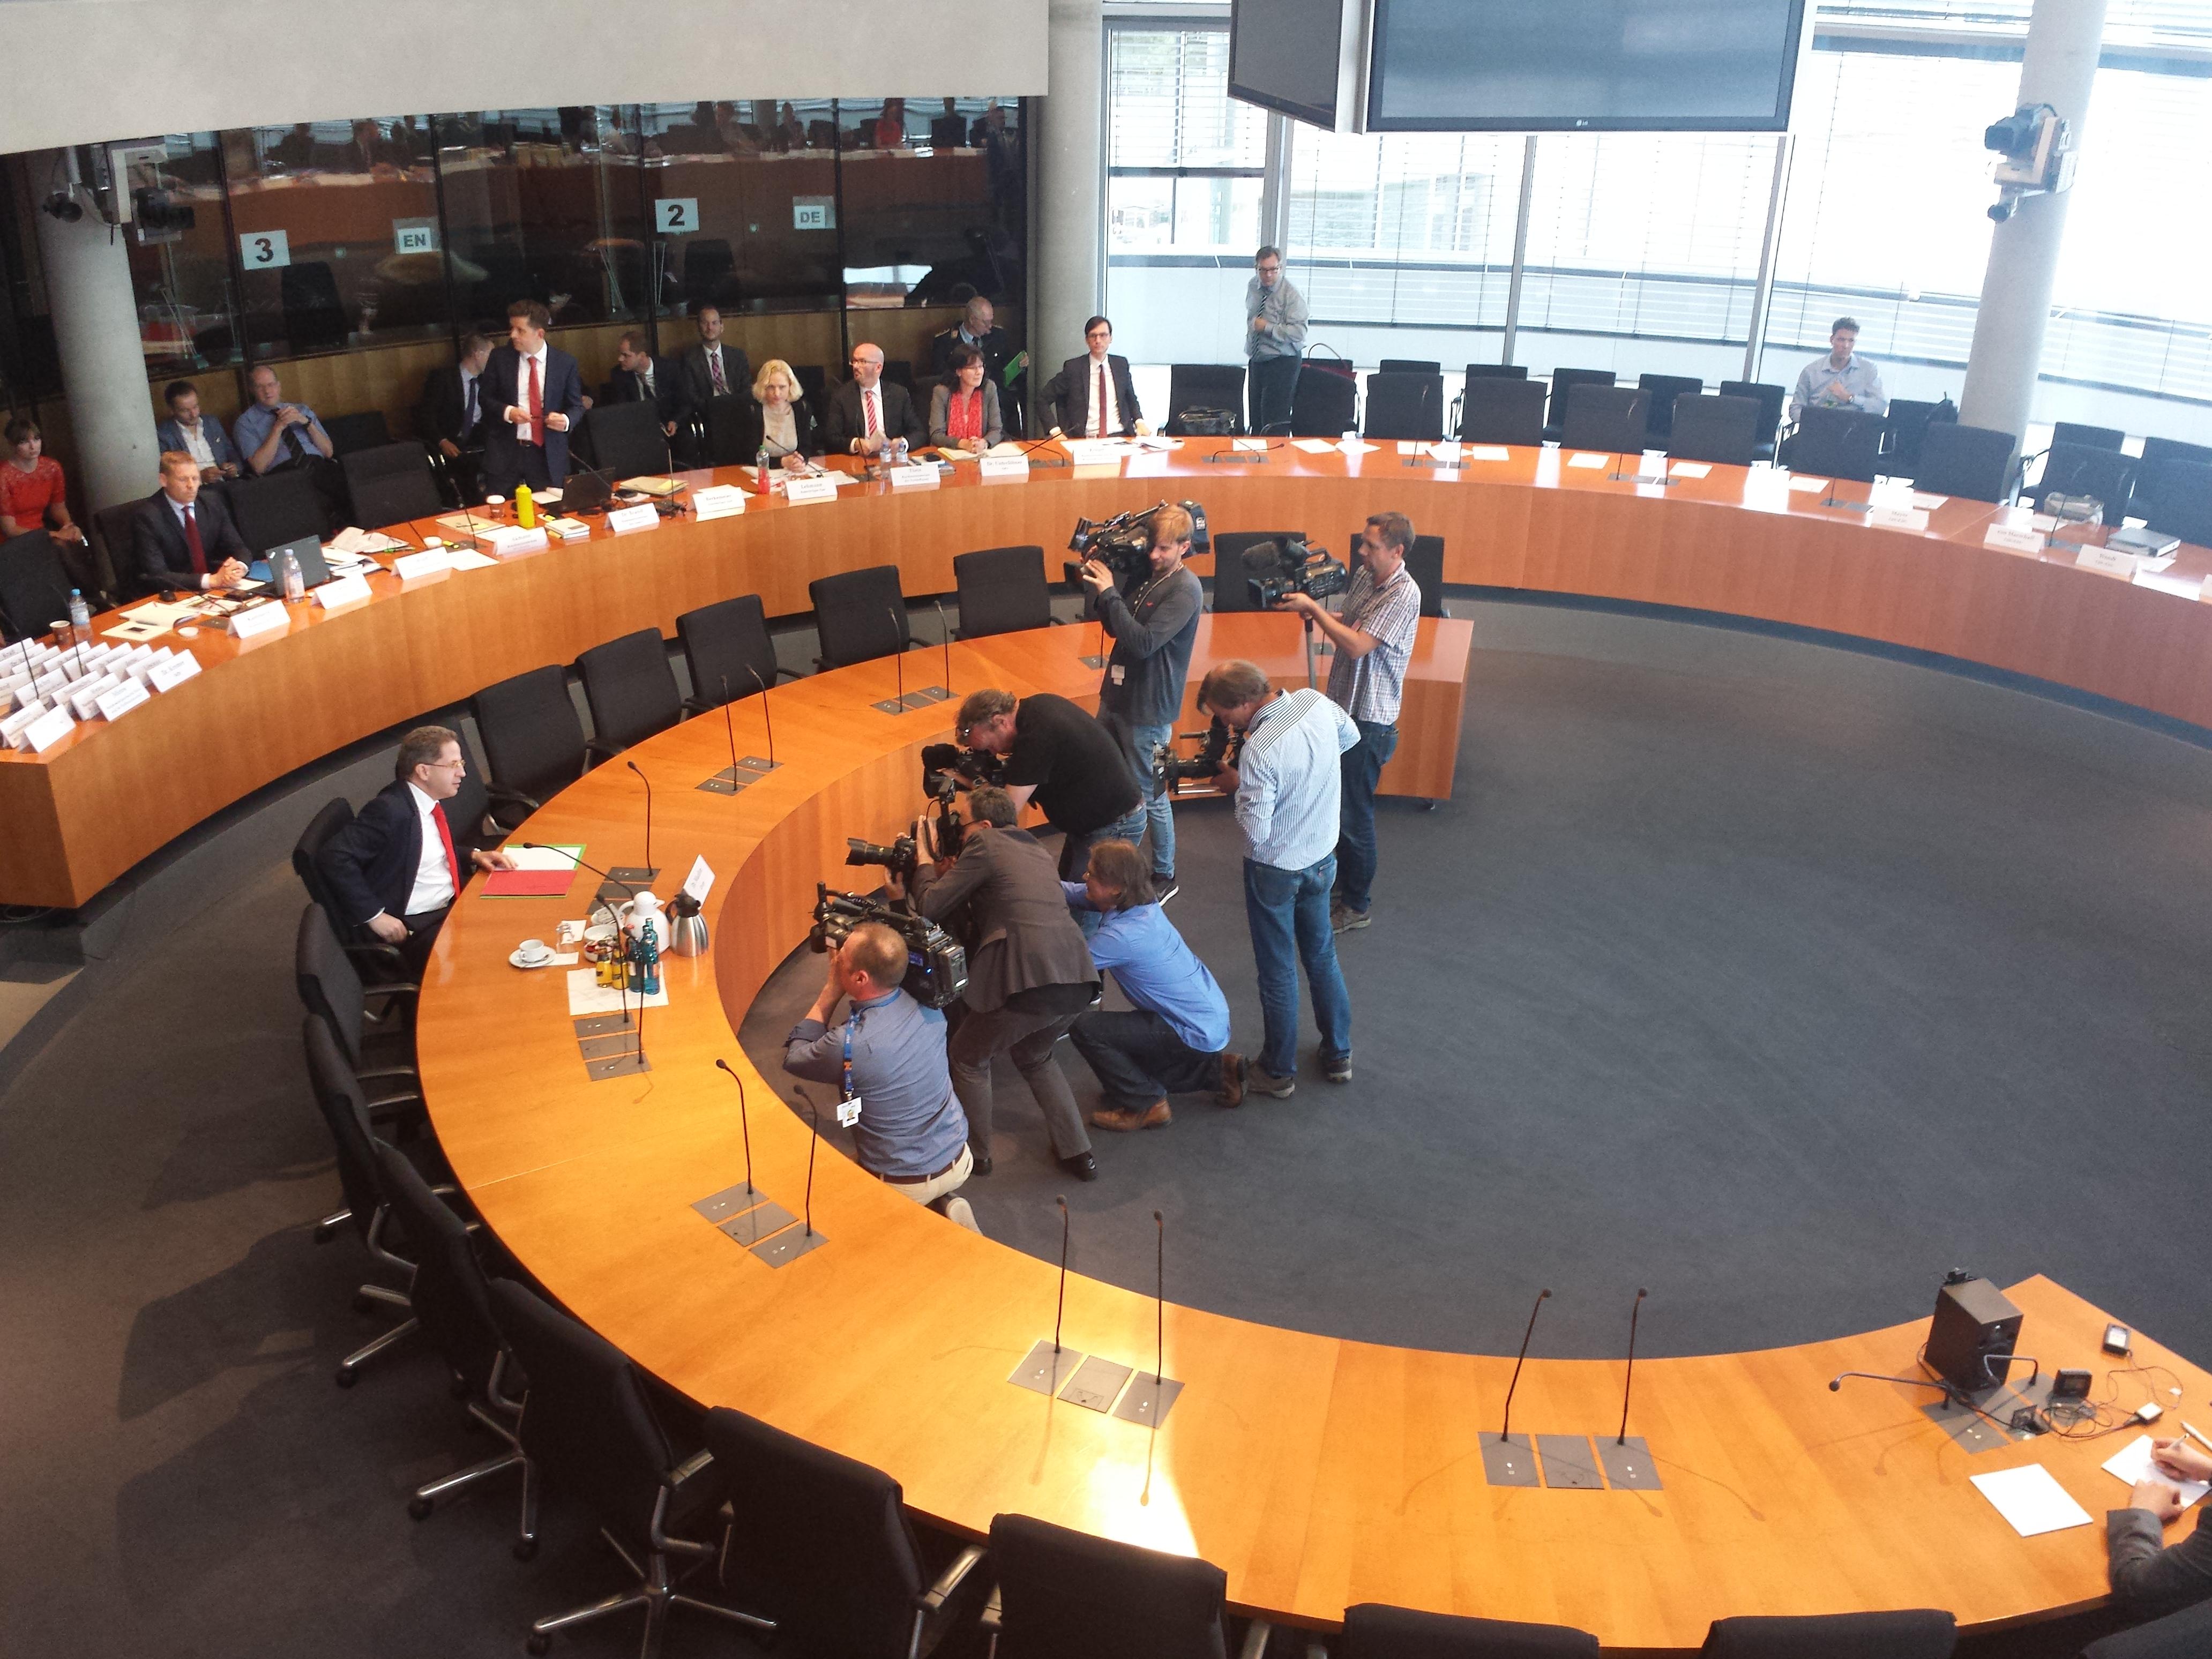 Zeuge Hans-Georg Maaßen im Europasaal vor Beginn der Sitzung.